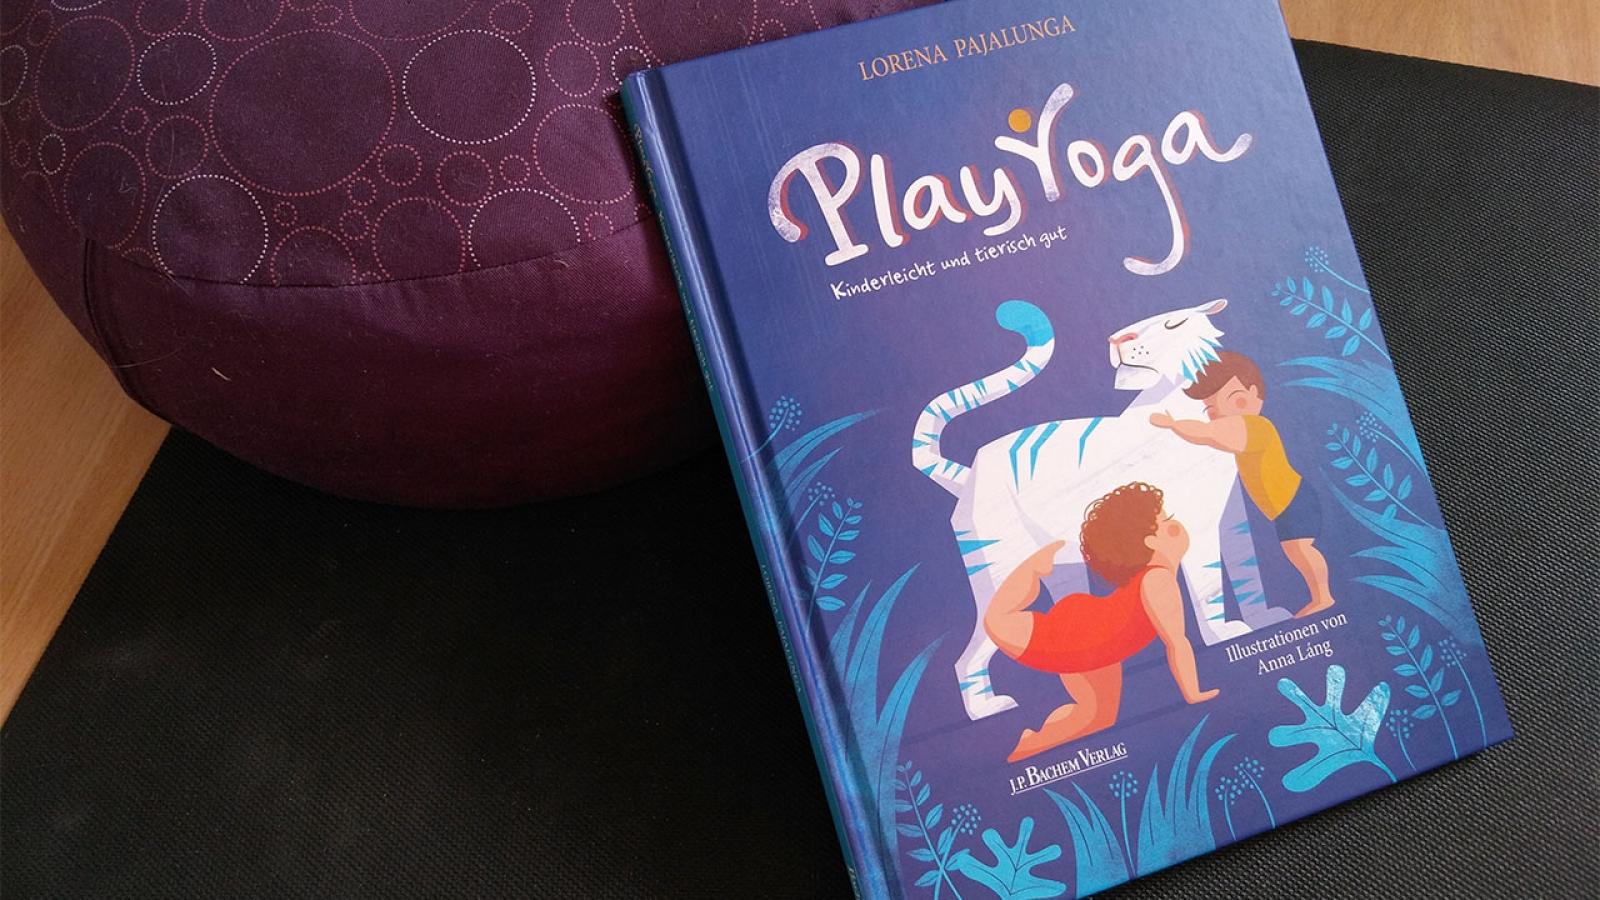 Play Yoga kinderleicht und tierisch gut